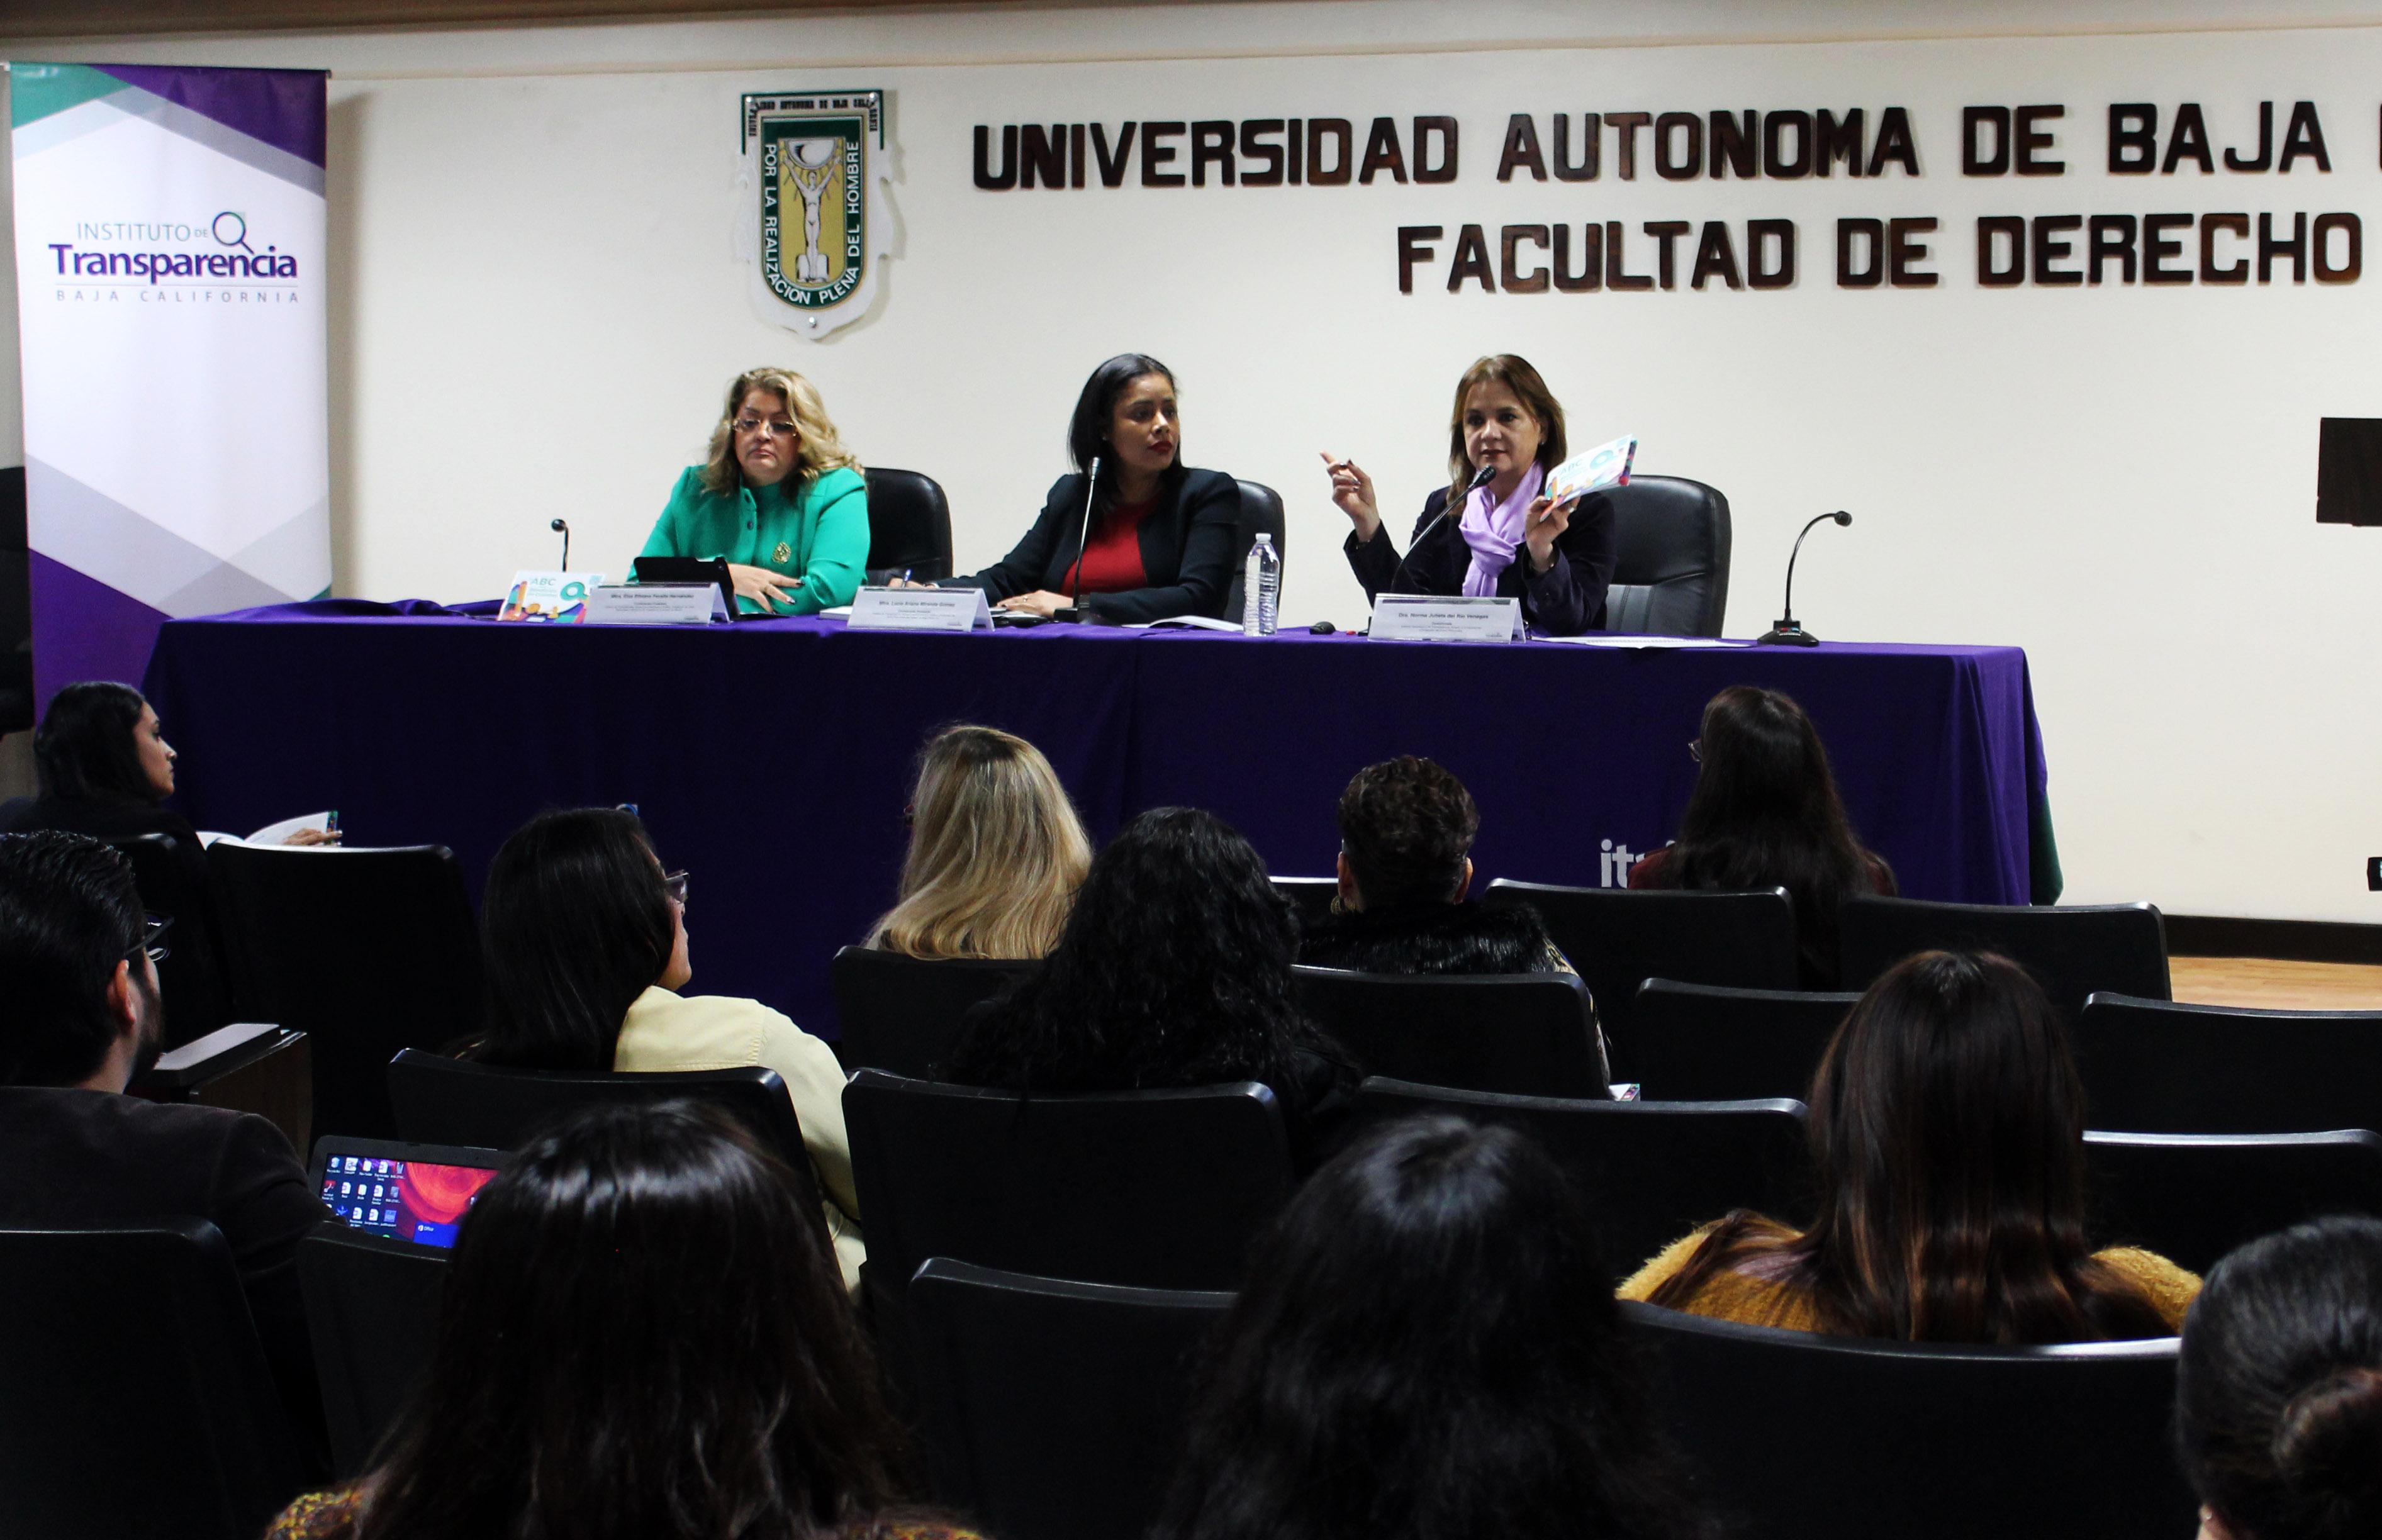 Itaipbc, Semana Estatal de Transparencia,Derechos